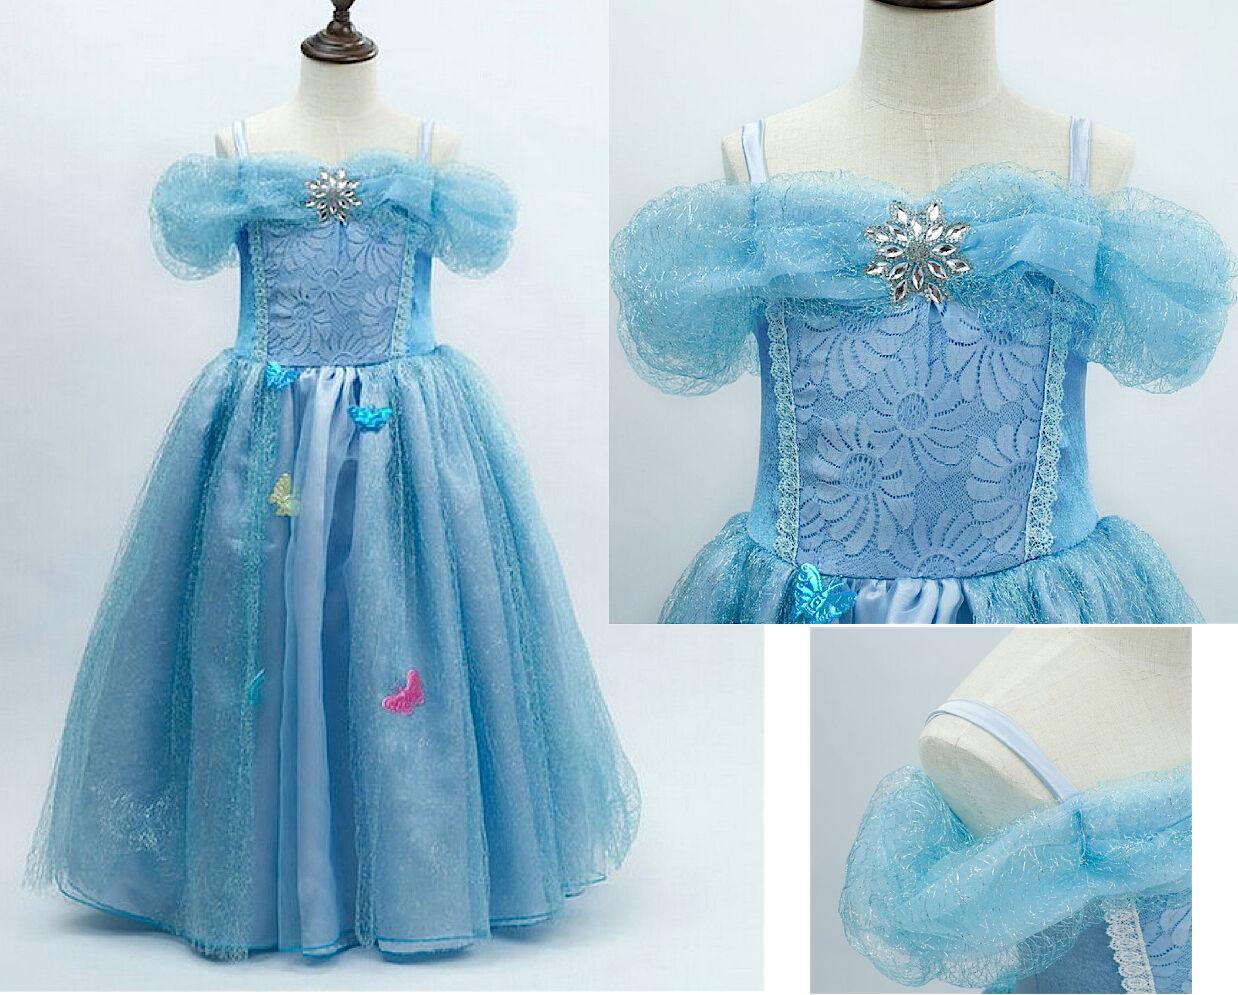 Cinderella Karnevalkleid Dress Up Princess Cinderella Kostüme 567006 | Modern Und Elegant In Der Mode  | Zürich Online Shop  | Erste Qualität